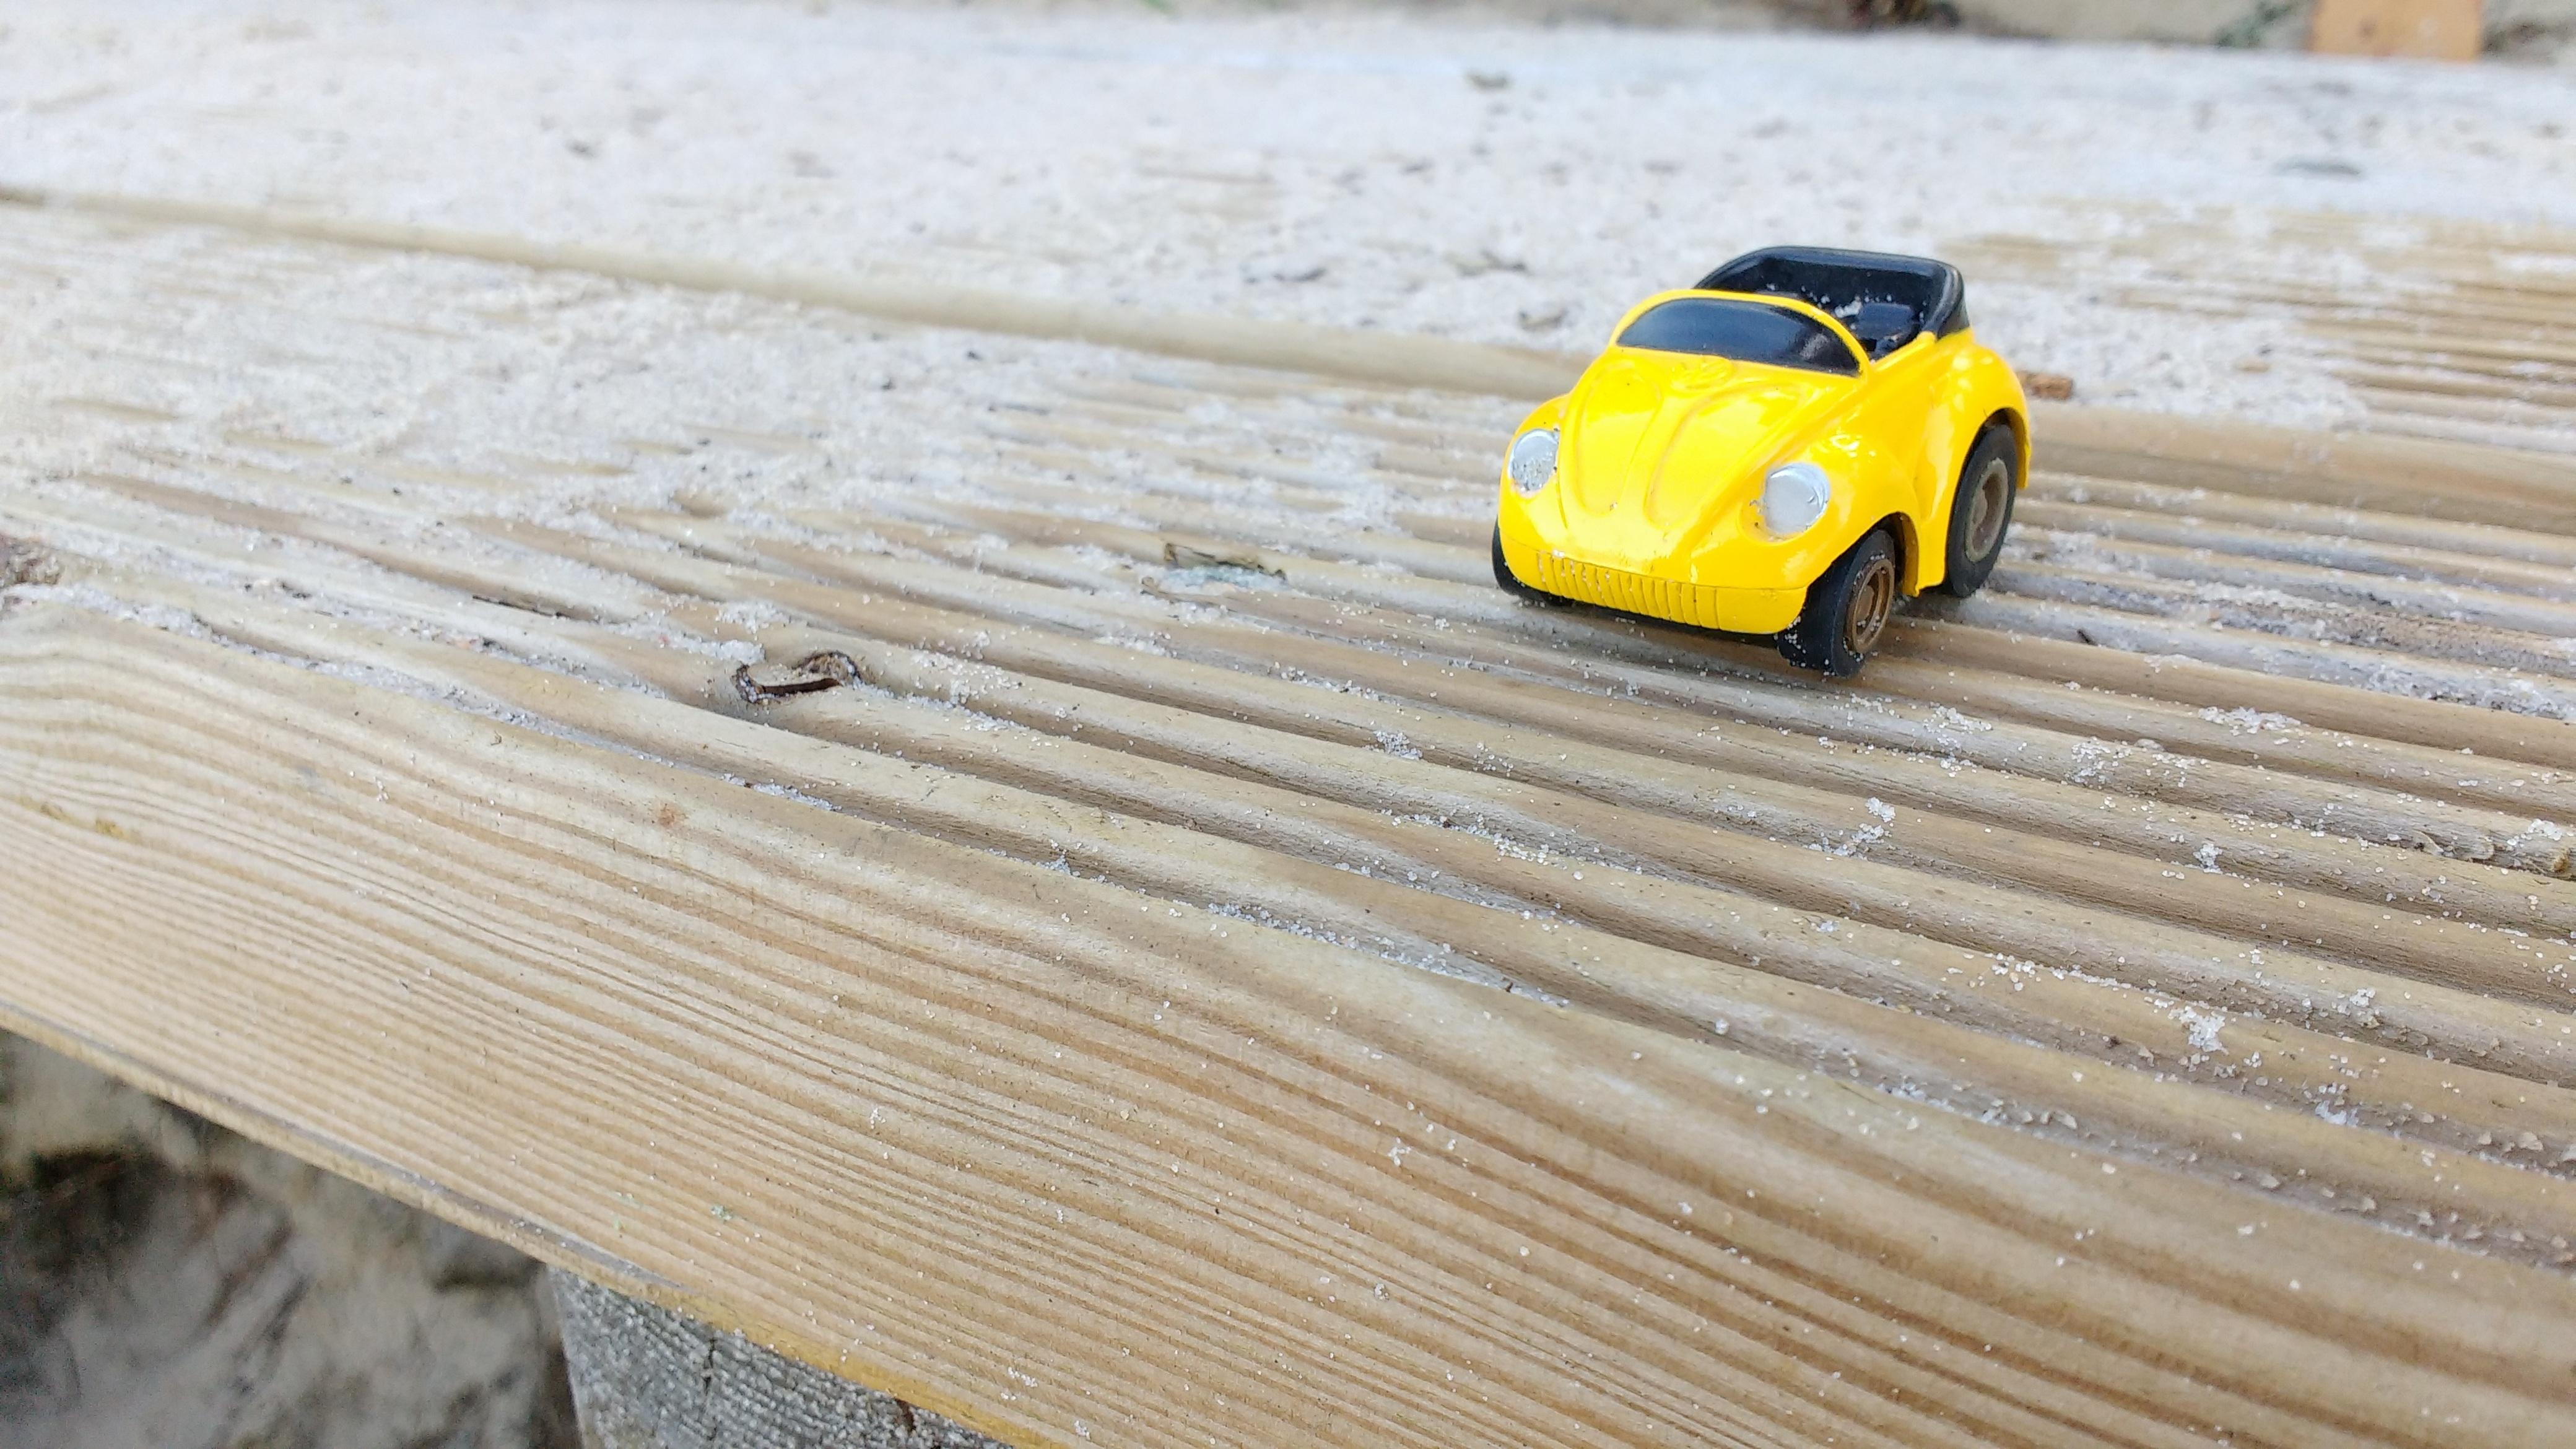 Fotoğraf Plaj Kum Kanat Araba Zemin Sarı Oyuncak Minyatür